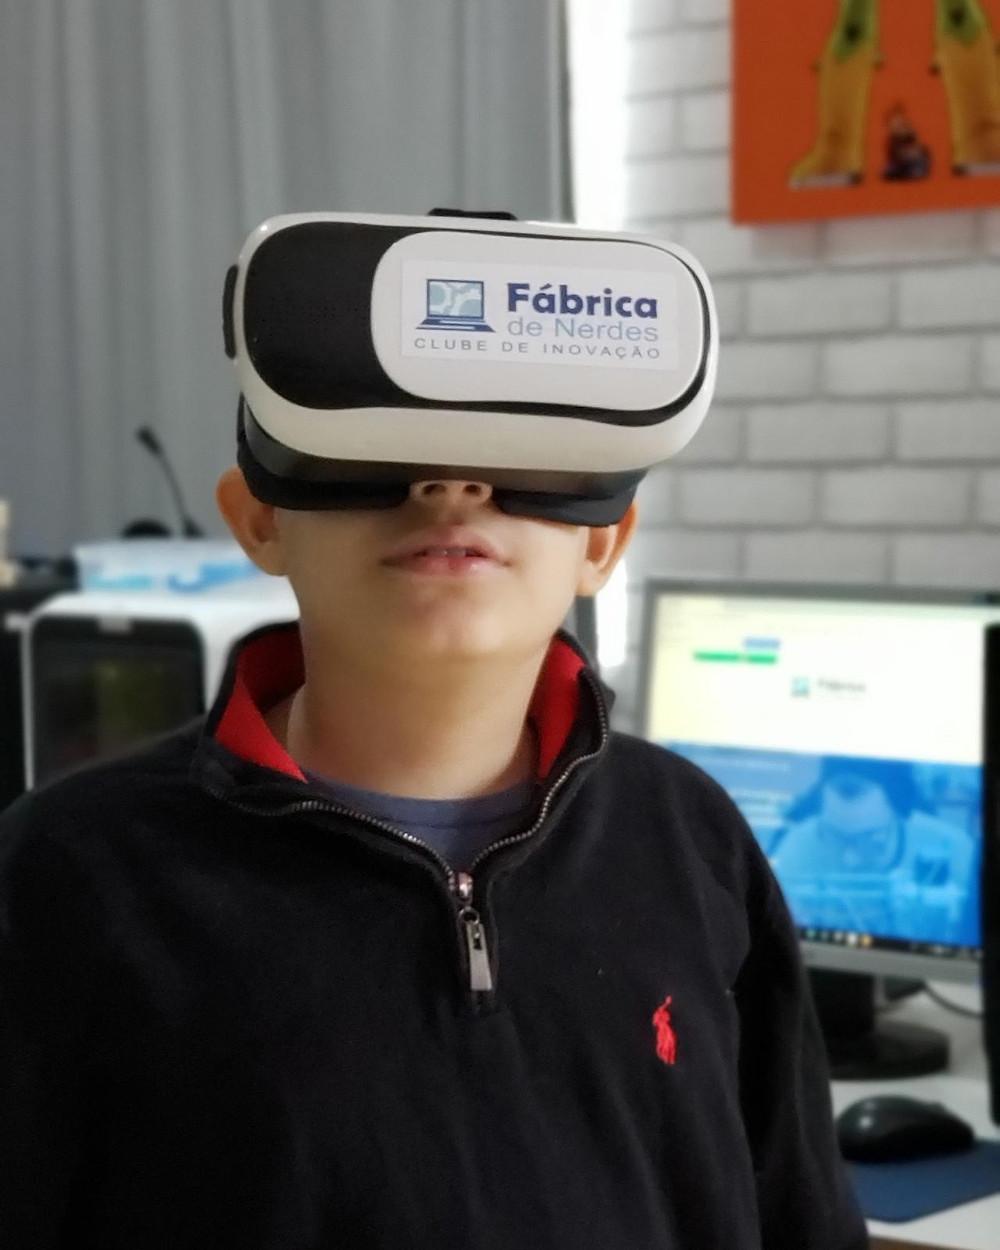 Aluno utilizando a Realidade Virtual para observar conteúdos de Robótica Educacional